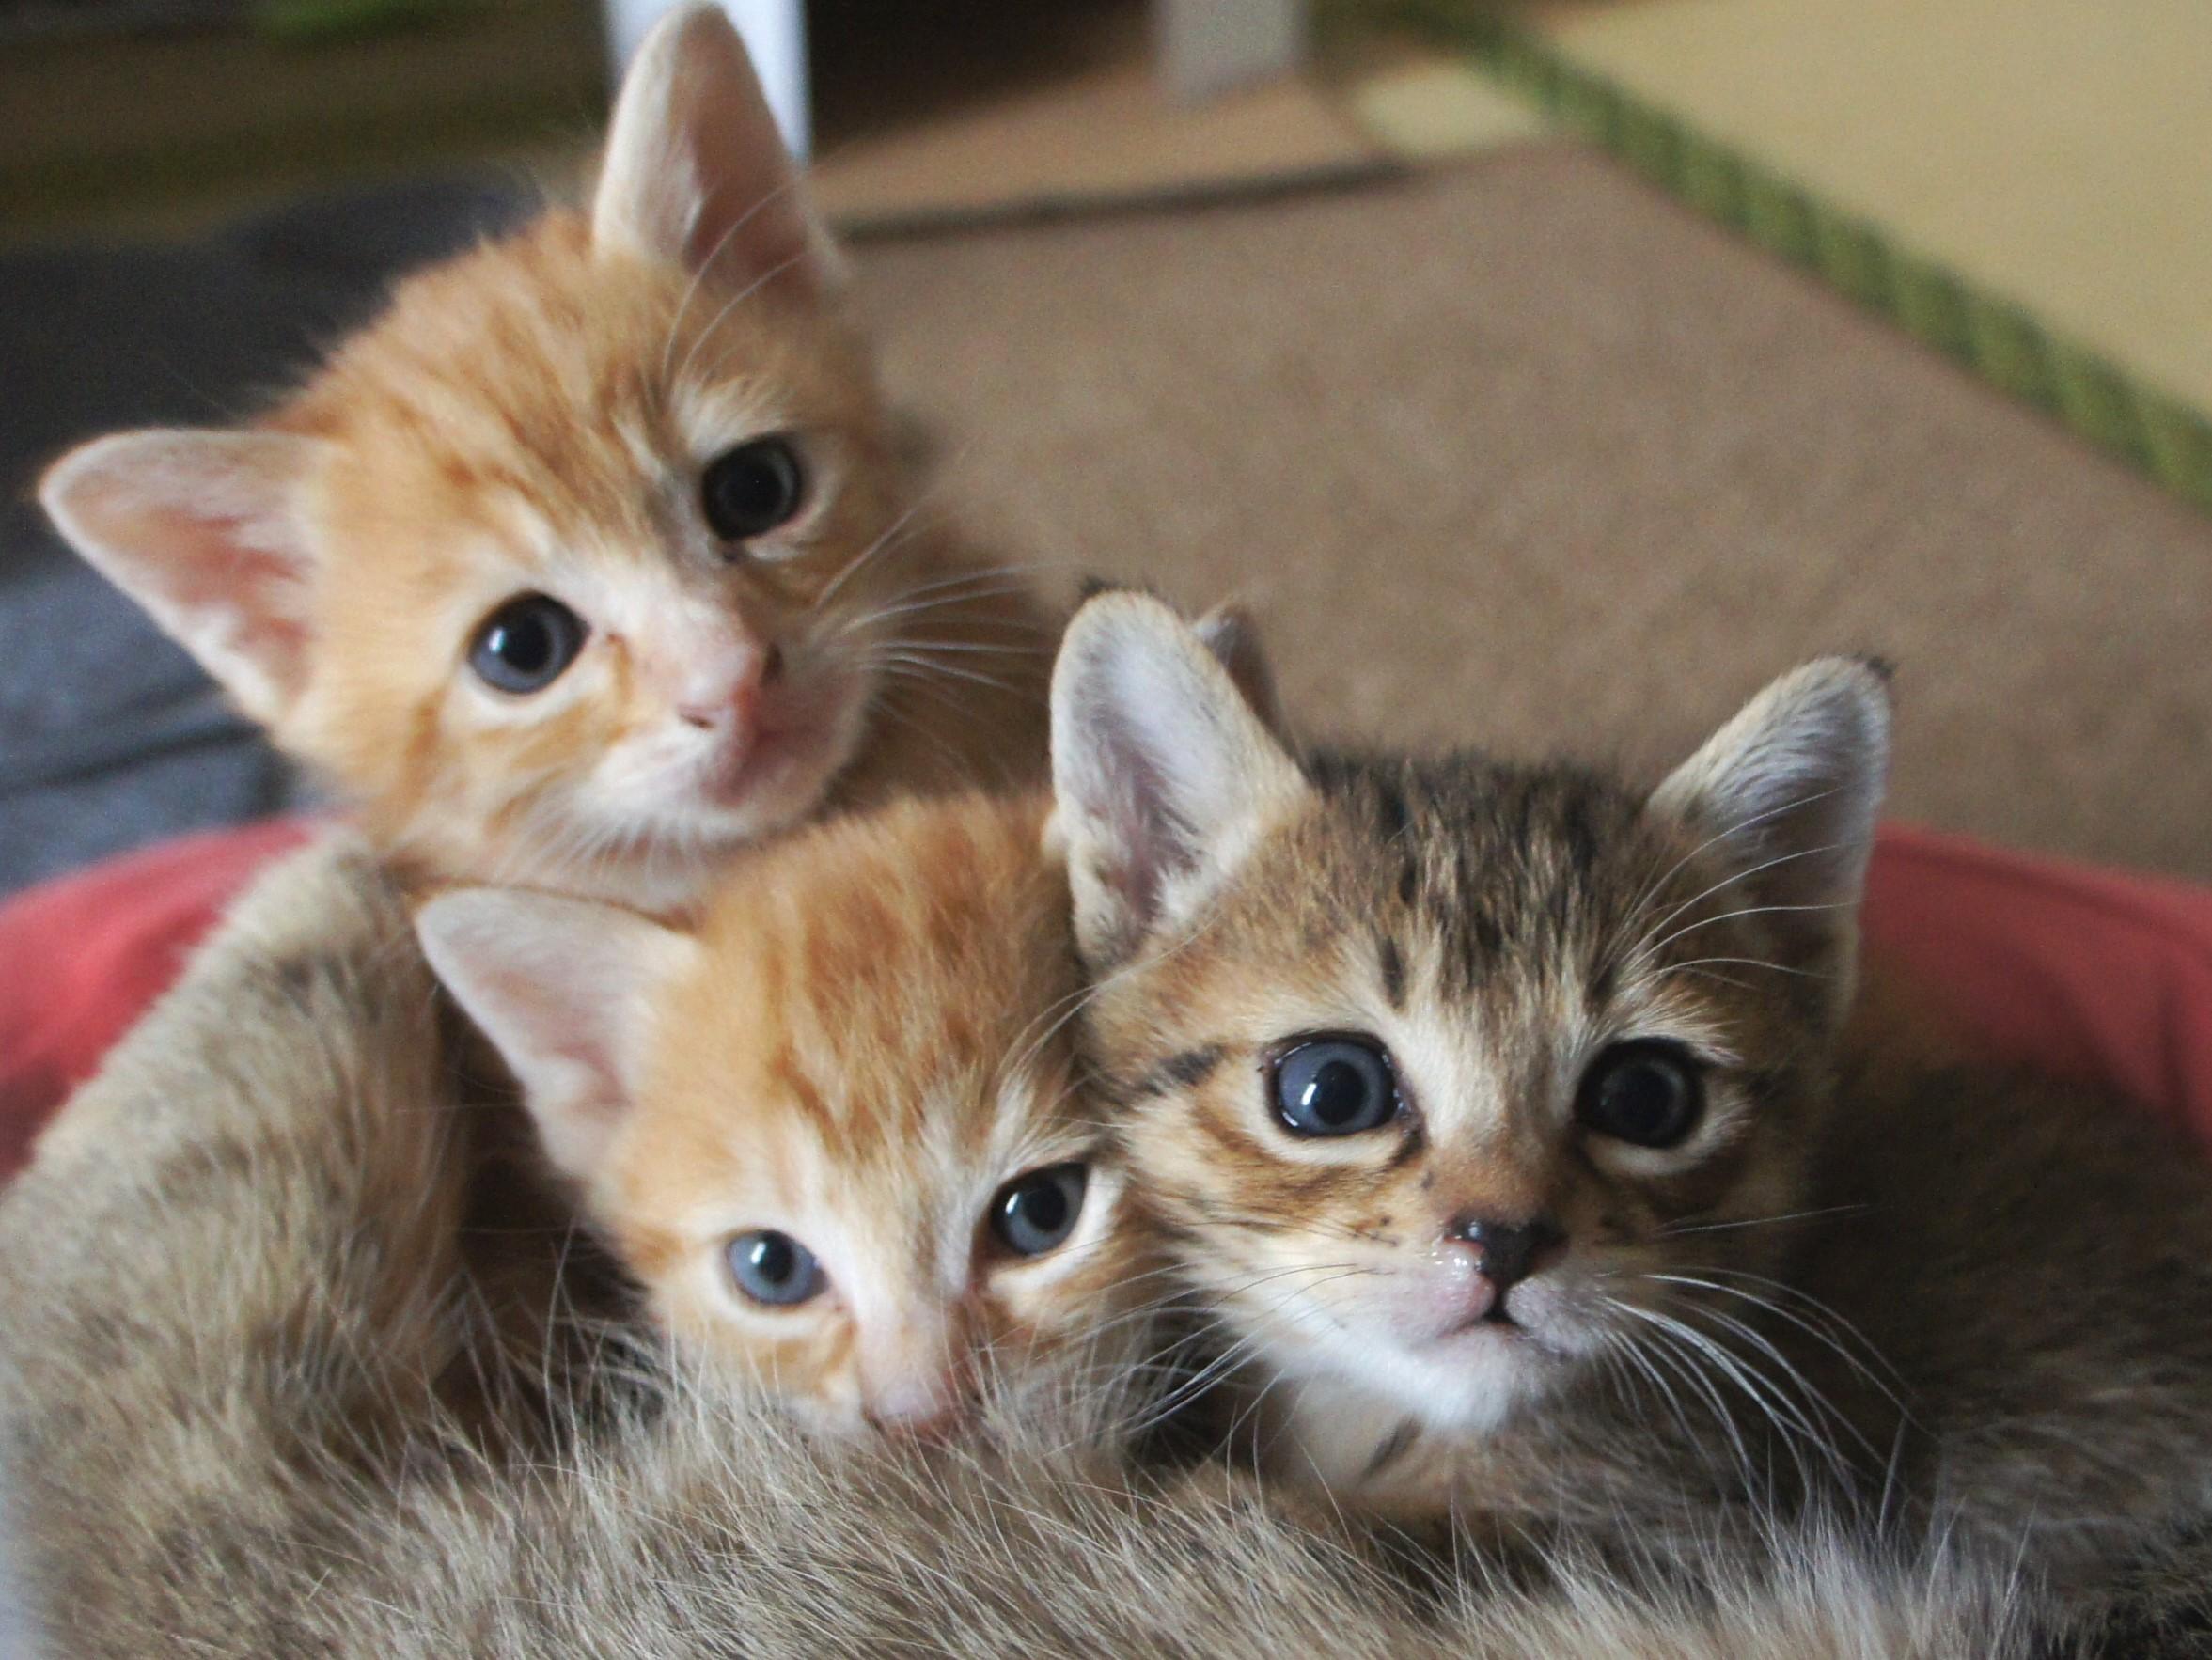 ノラ猫の保護にはいくらかかる?(ワクチン接種と避妊・去勢手術費用編)